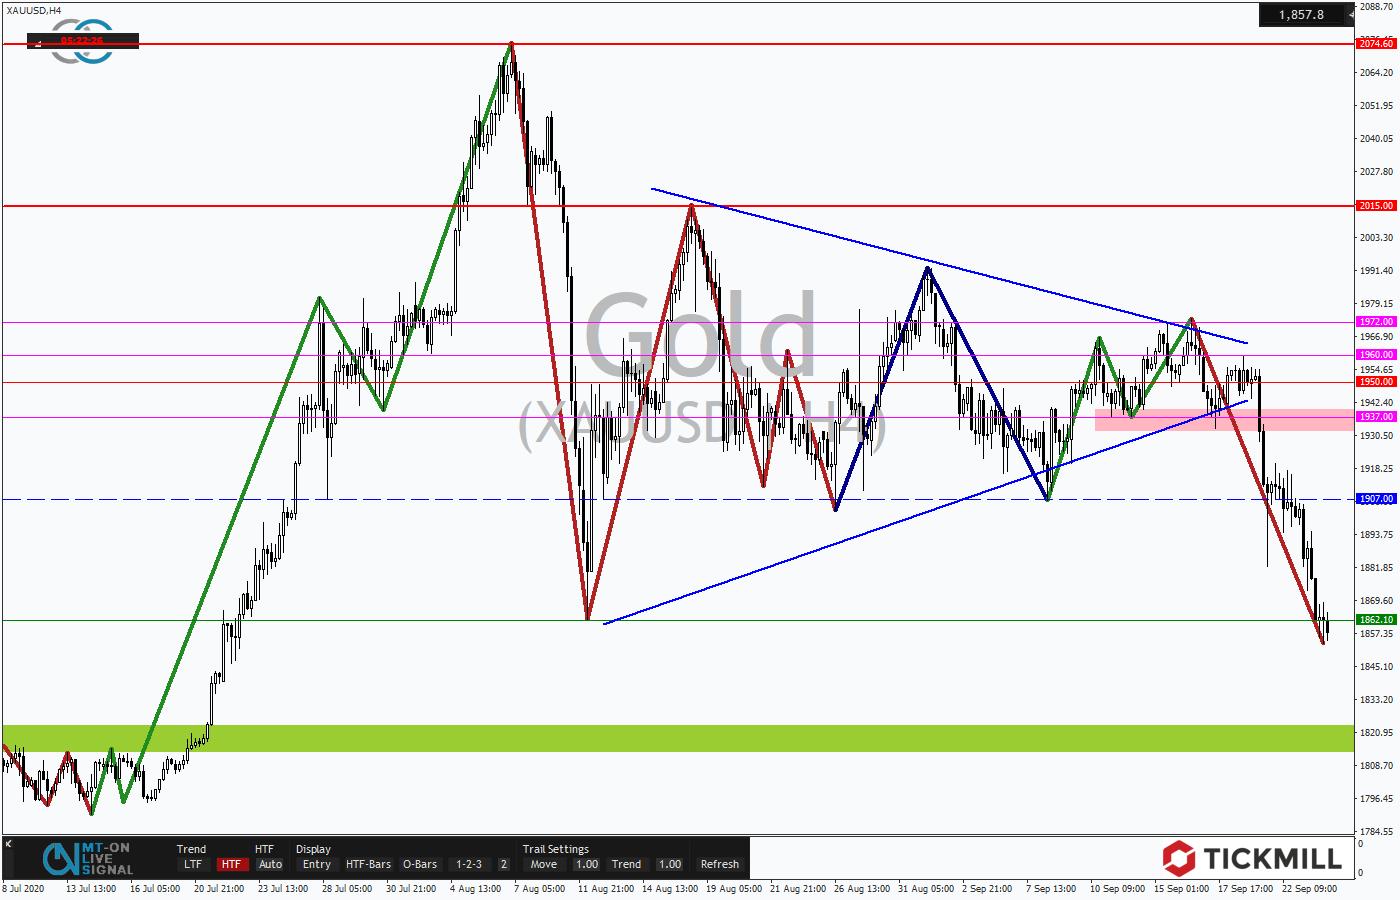 Tickmill-Analyse: Gold im 4-Stundenverlauf